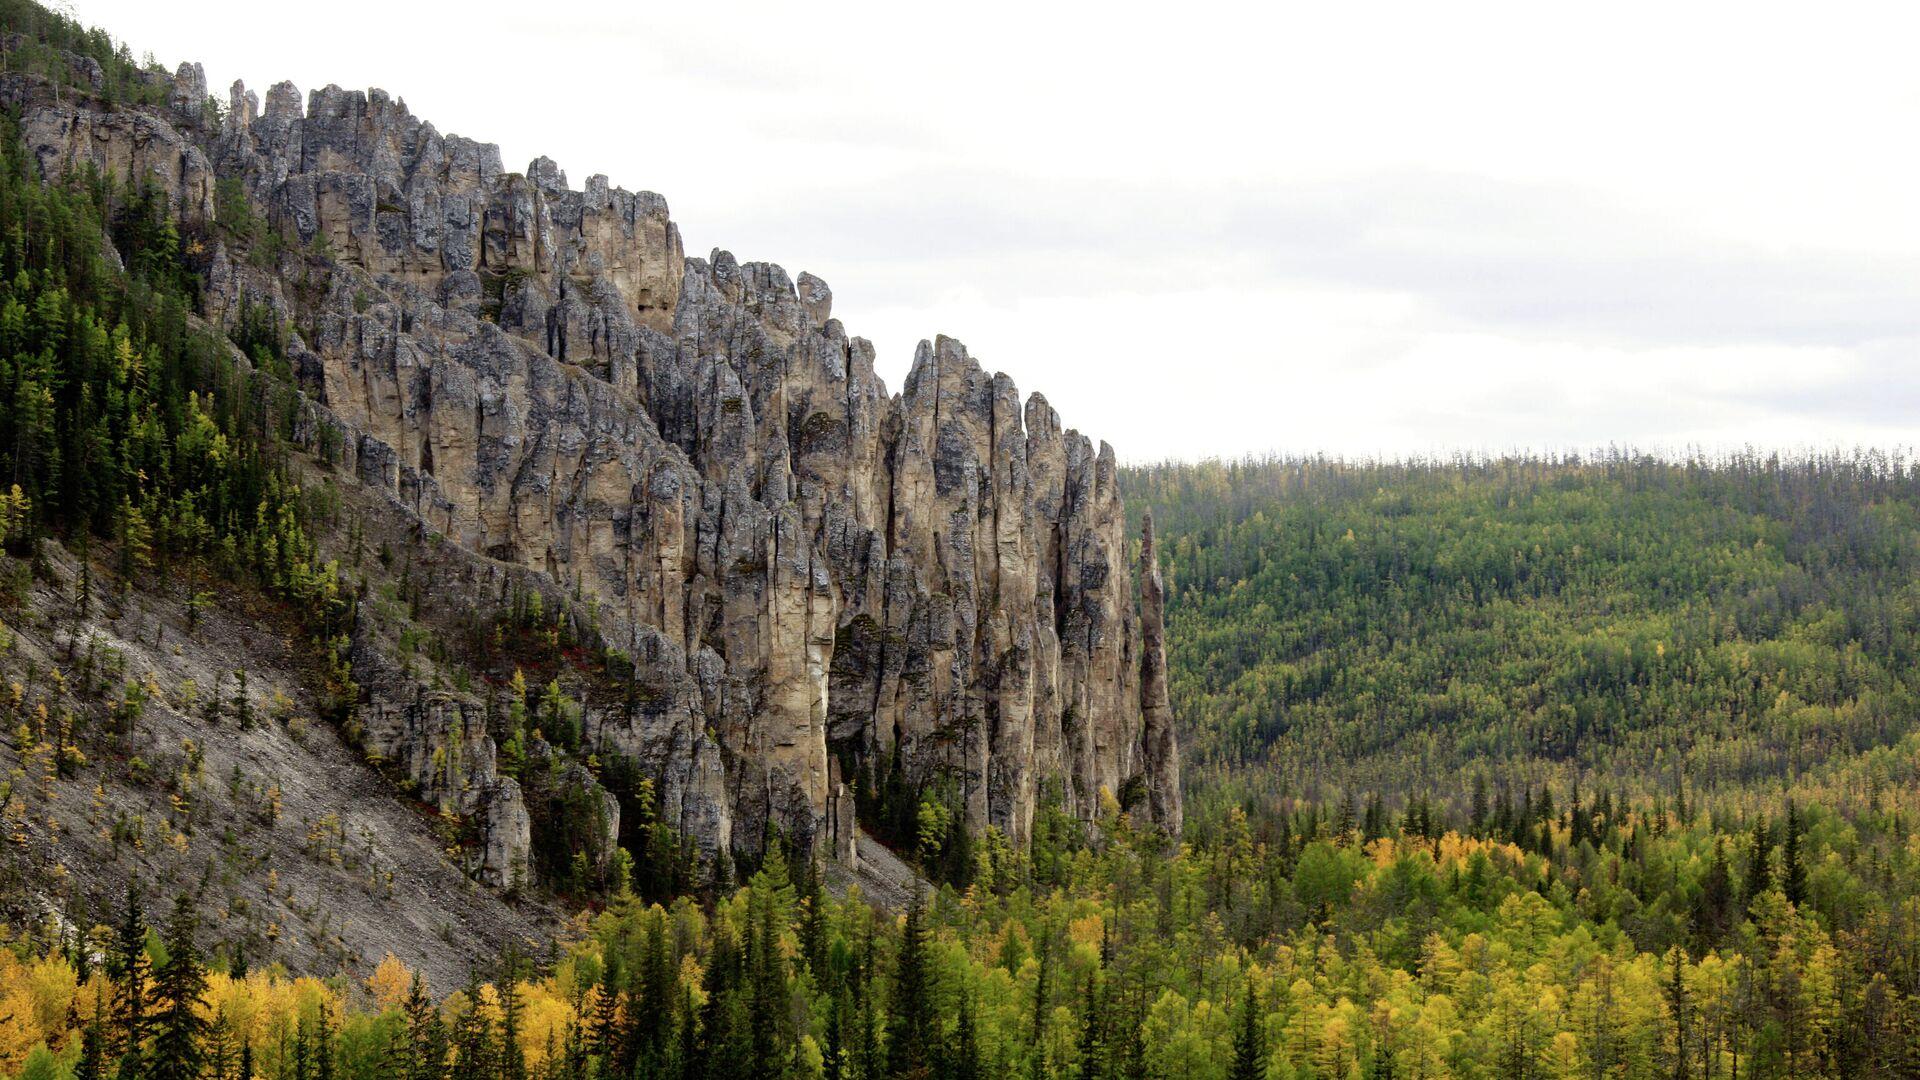 Национальный природный паркЛенские столбы в Якутии - РИА Новости, 1920, 06.05.2021